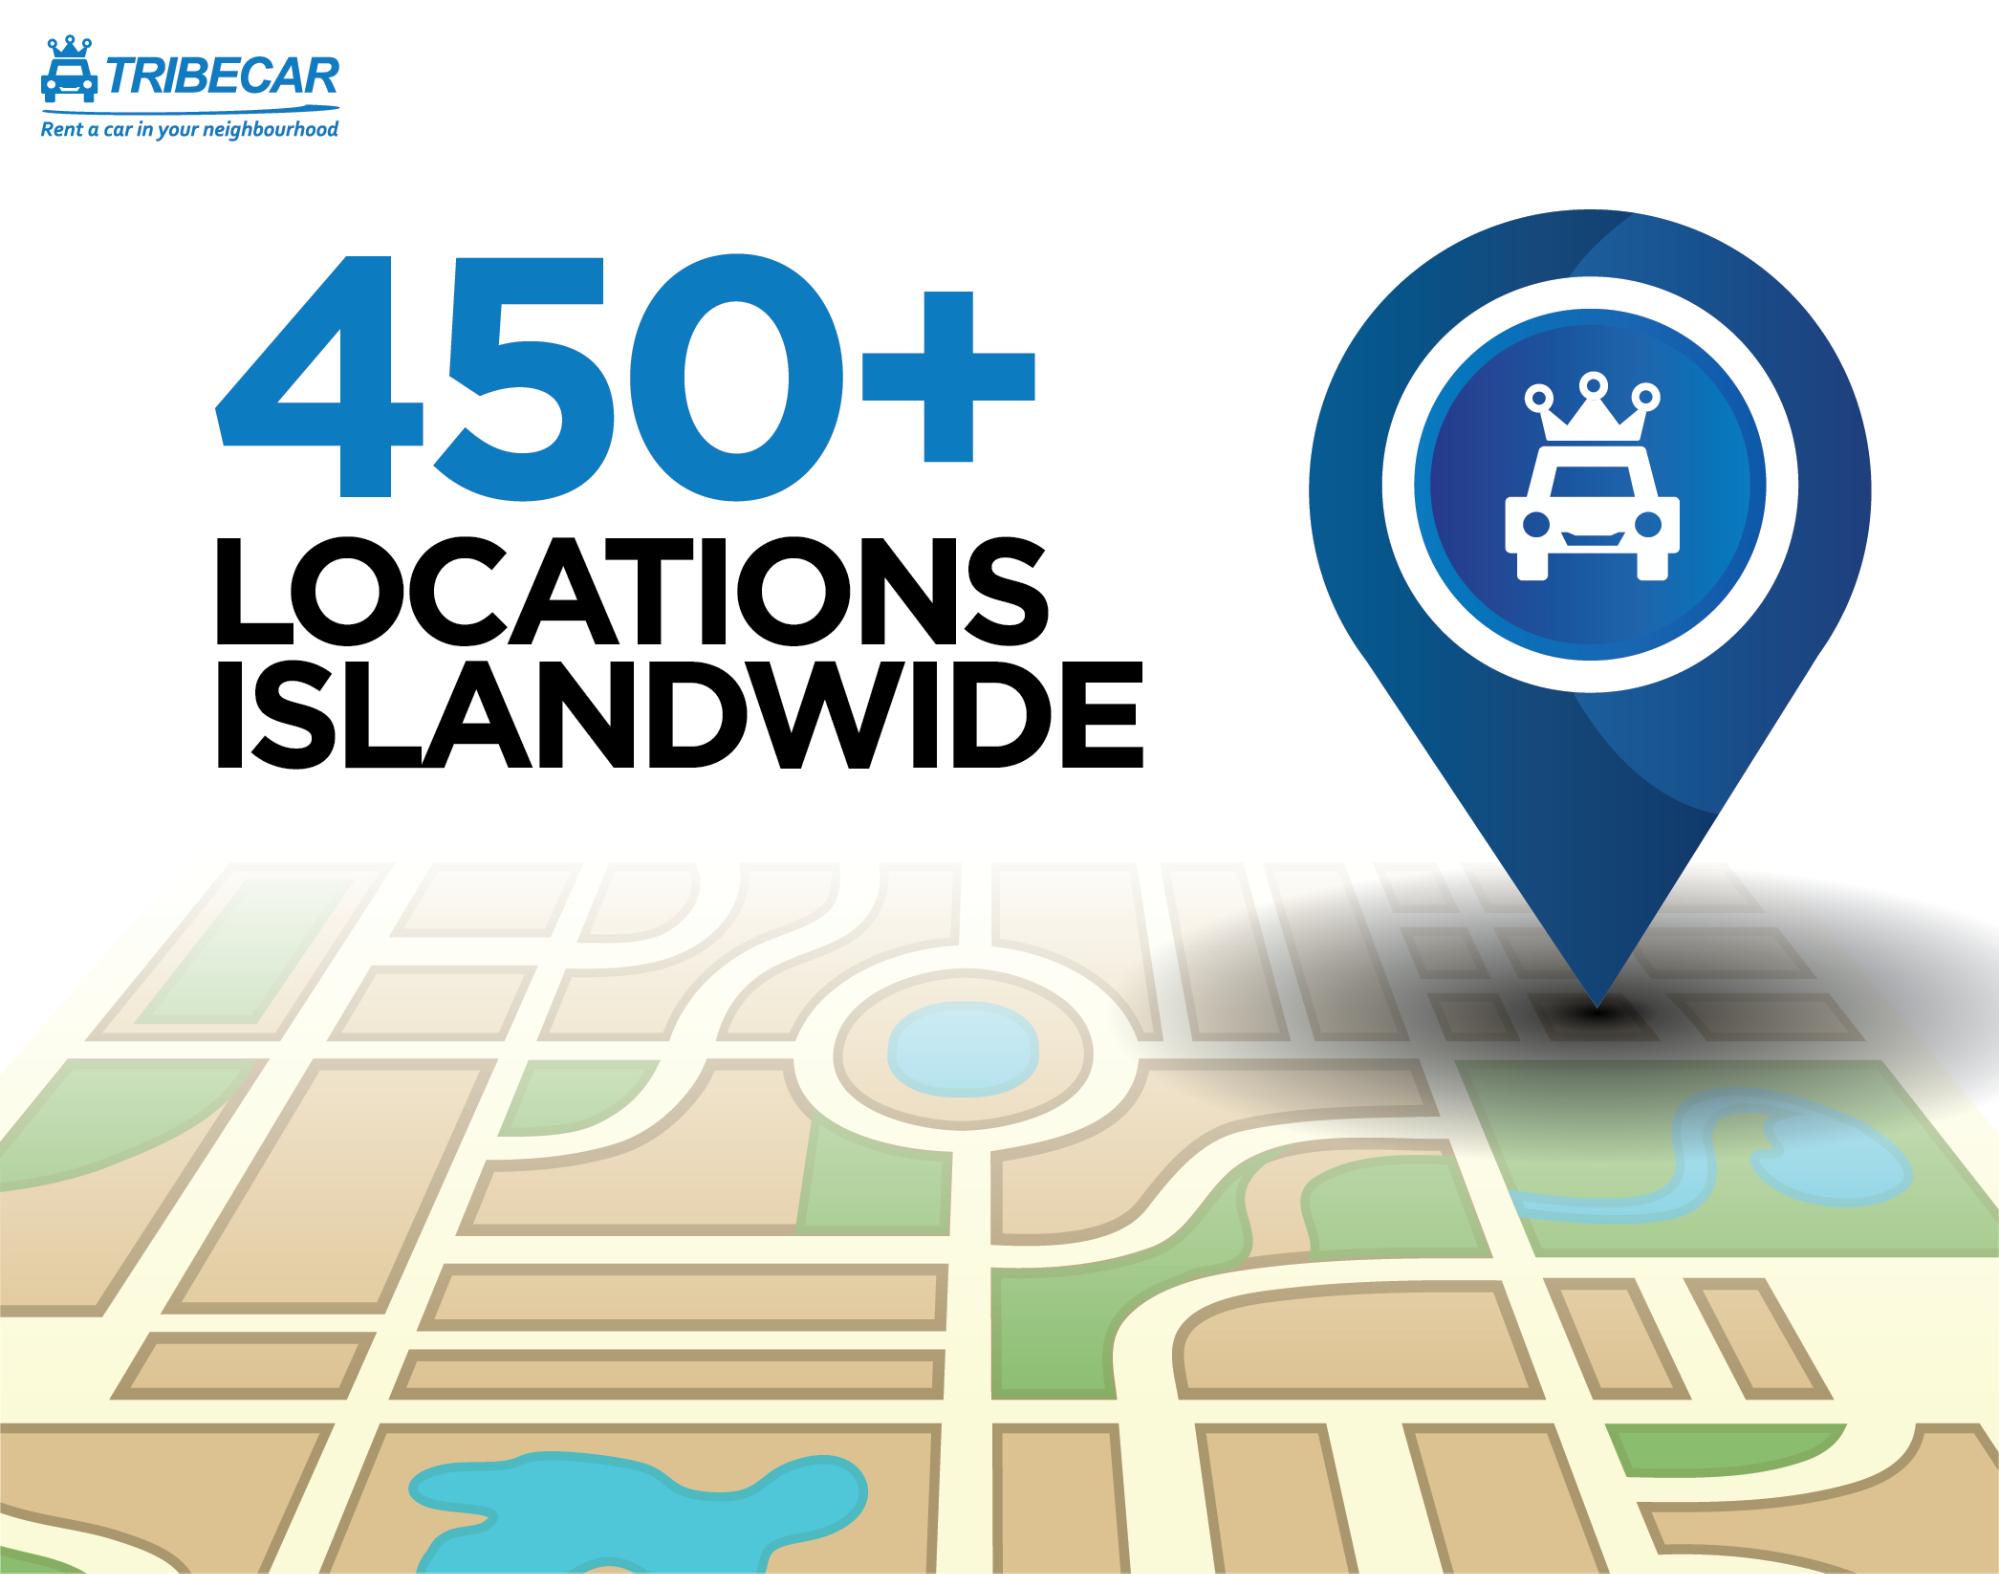 tribecar locations islandwide